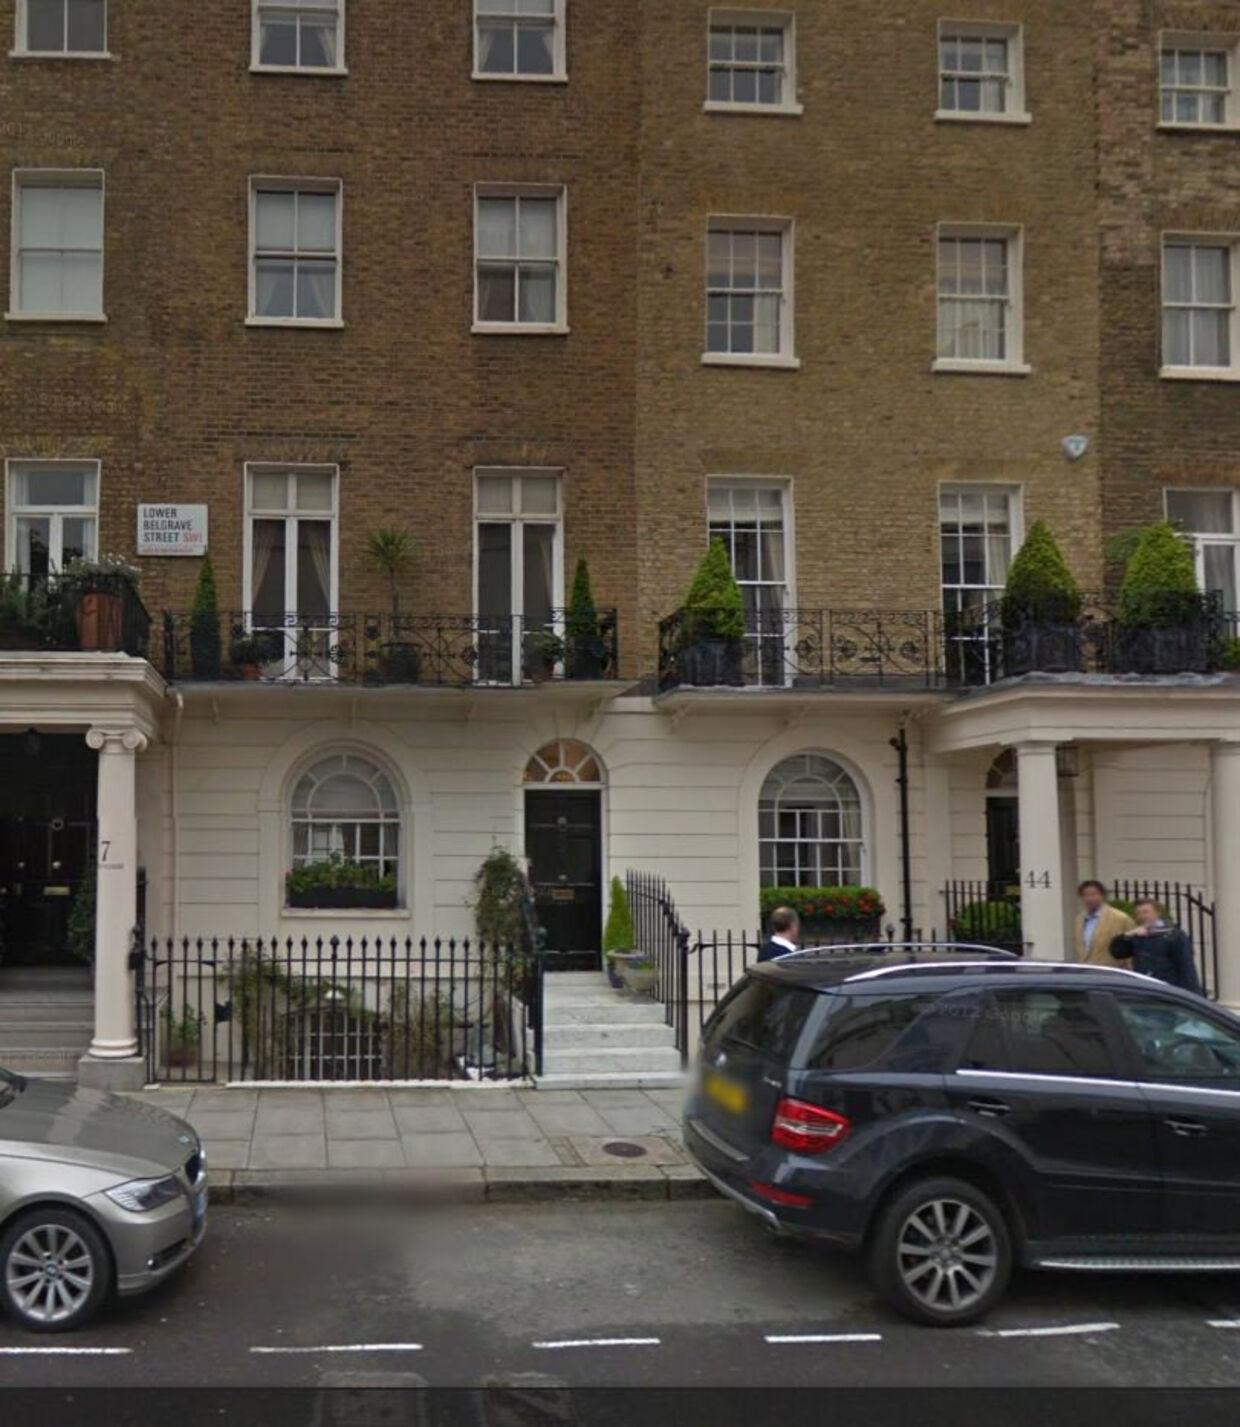 Det var i dette seks-etagers hus i Londons eksklusive ambassadekvarter, at mordet fandt sted i kælderetagen. Foto: Google maps